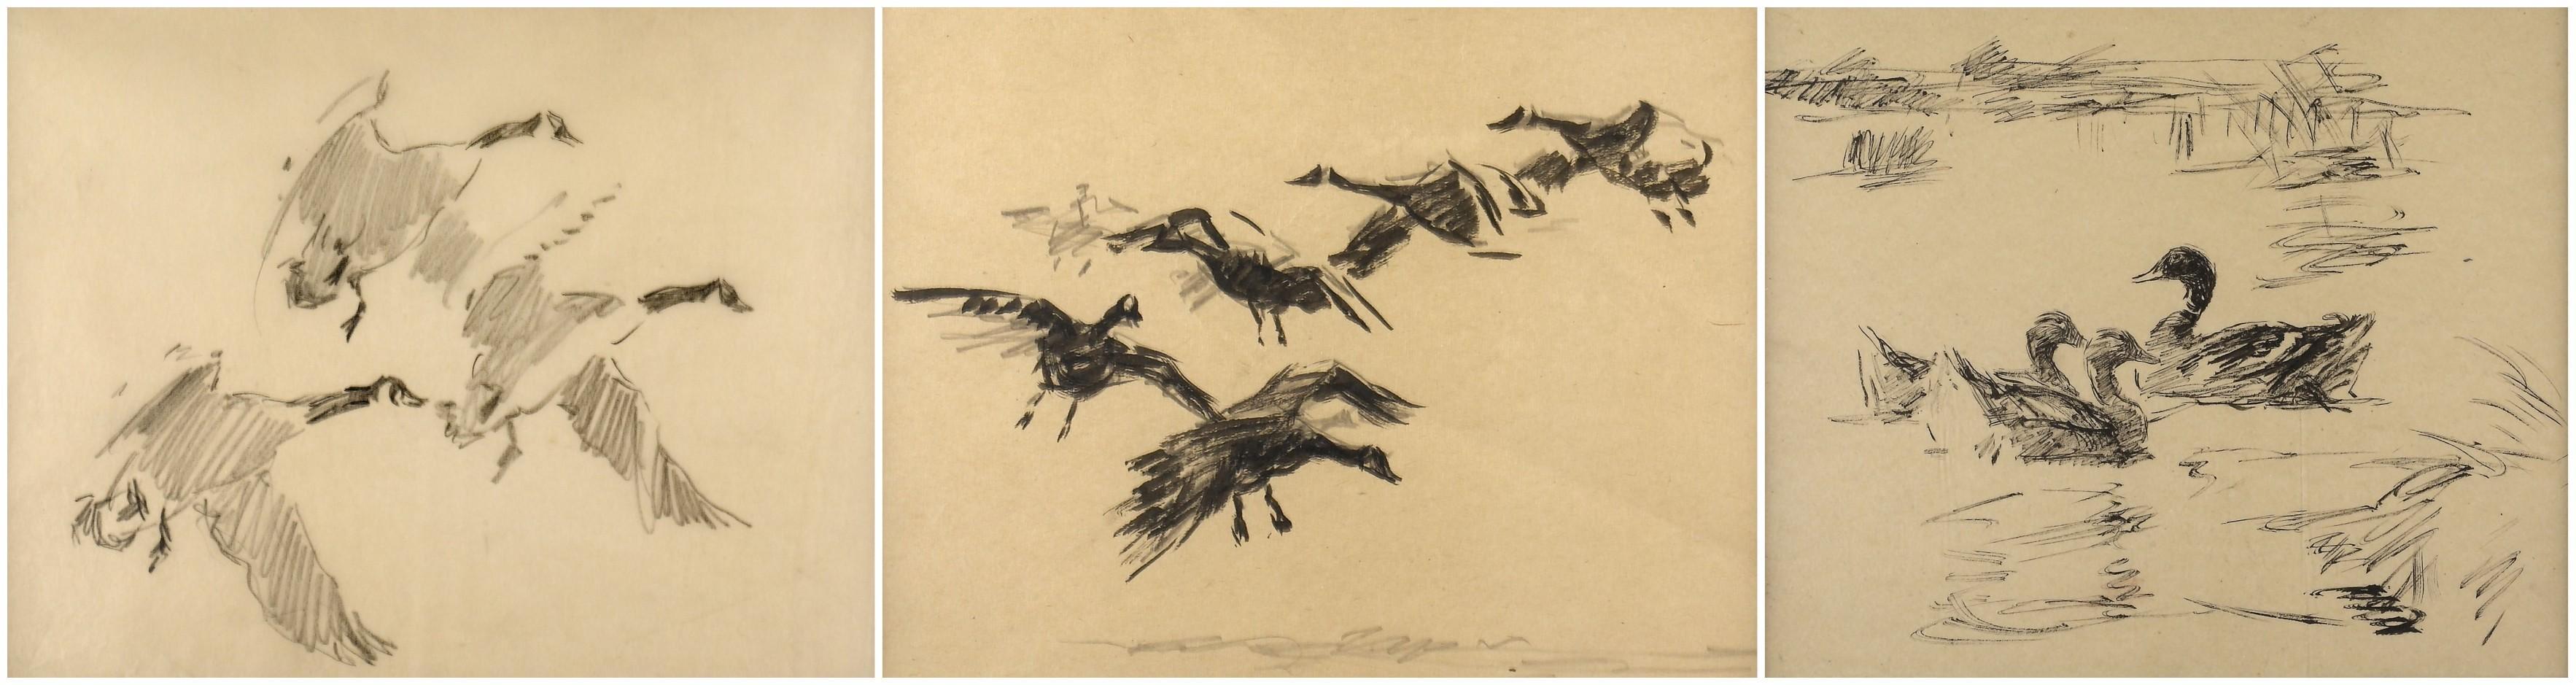 Frank Hoffman, Three Drawings of Birds